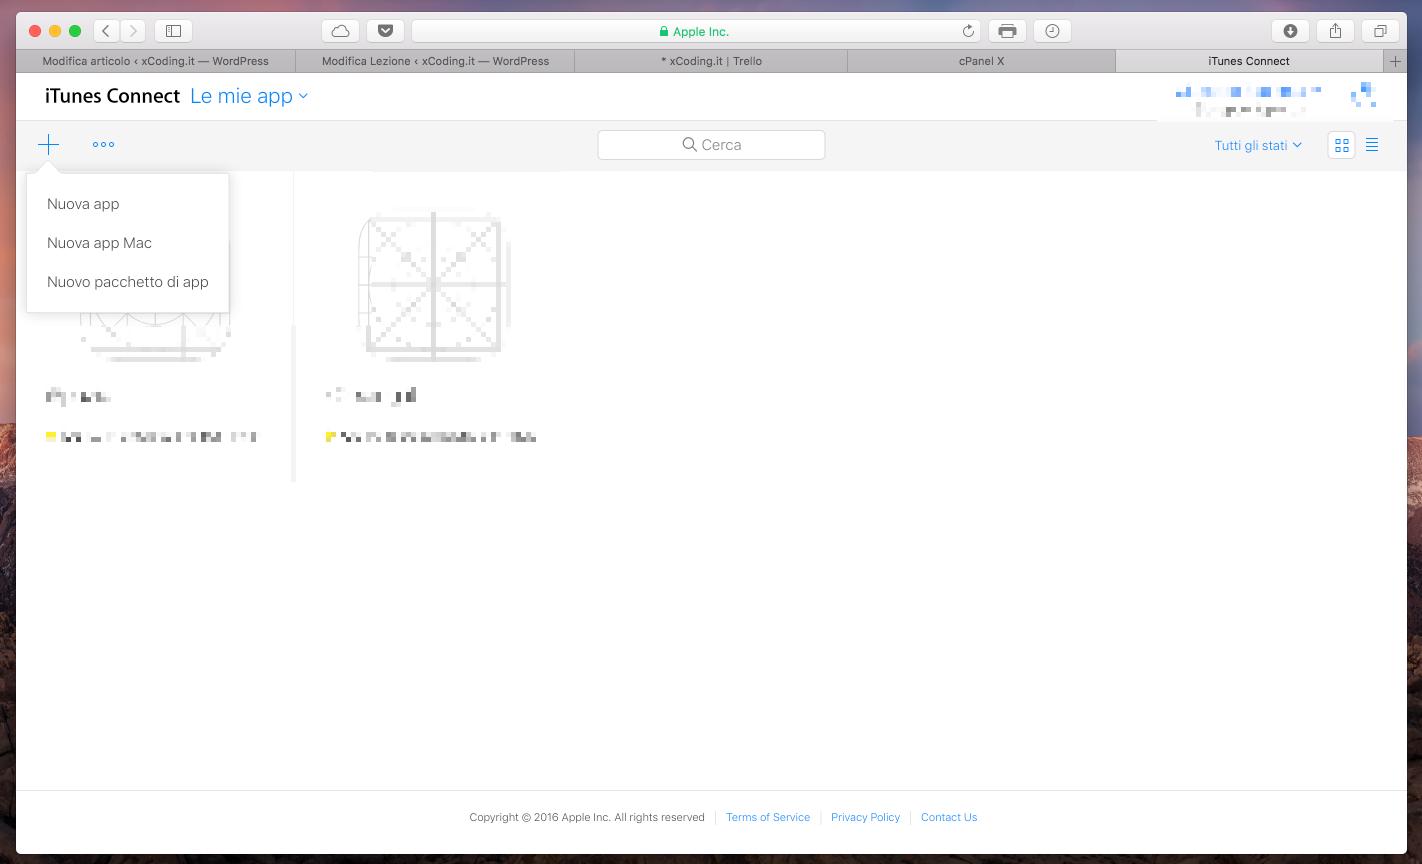 come-pubblicare-unapplicazione-su-app-store